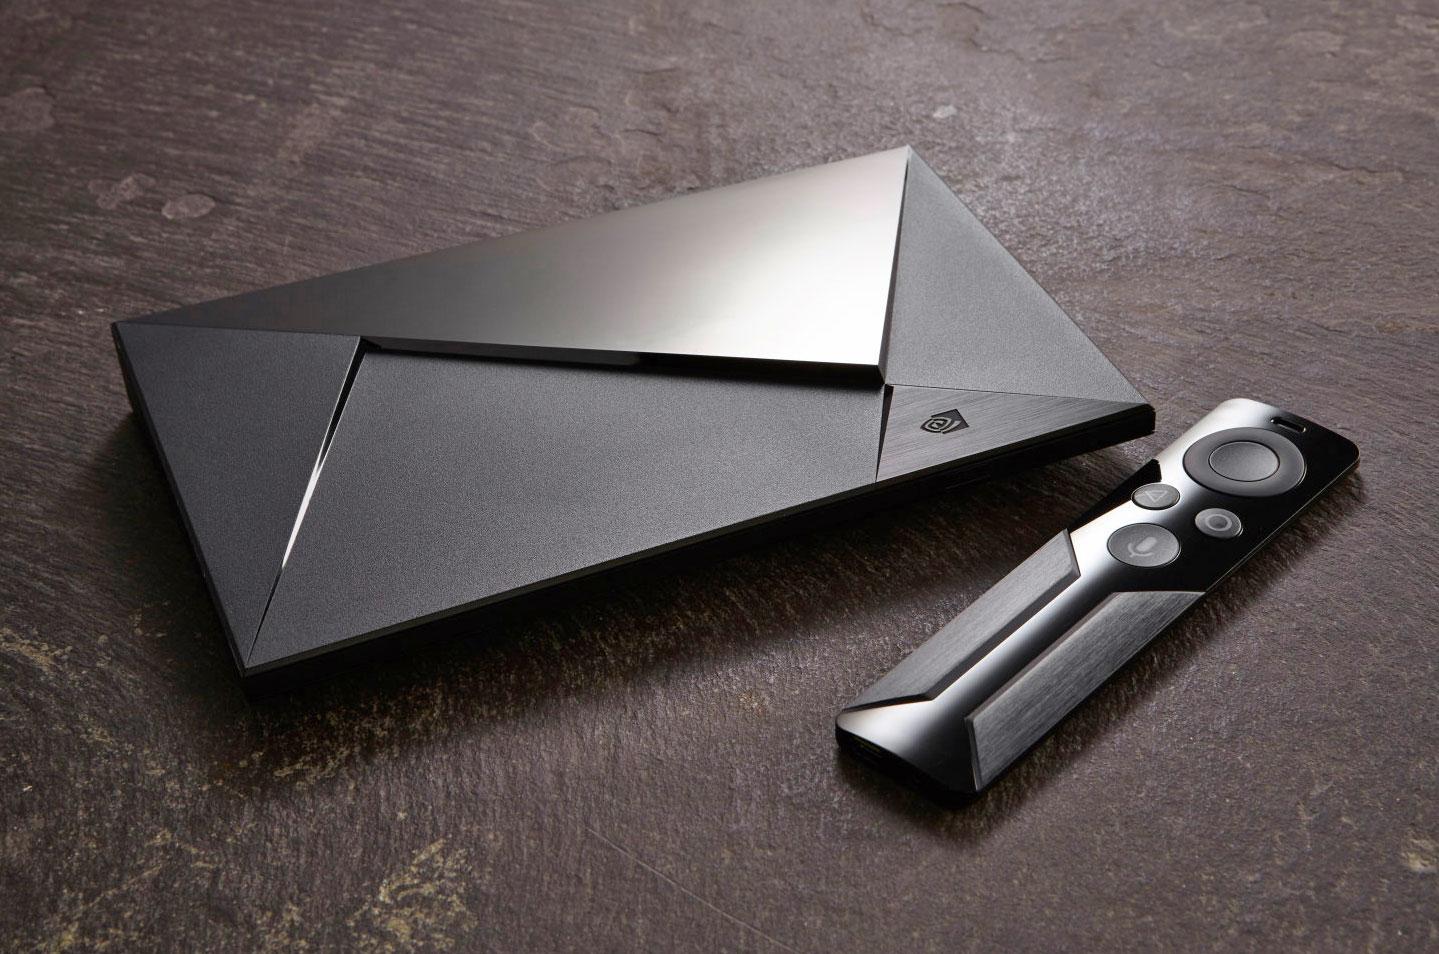 نسخه جدید انویدیا شیلد تیوی (NVIDIA Shield TV) معرفی شد؛ فاقد گیمپد و ارزانتر از گذشته